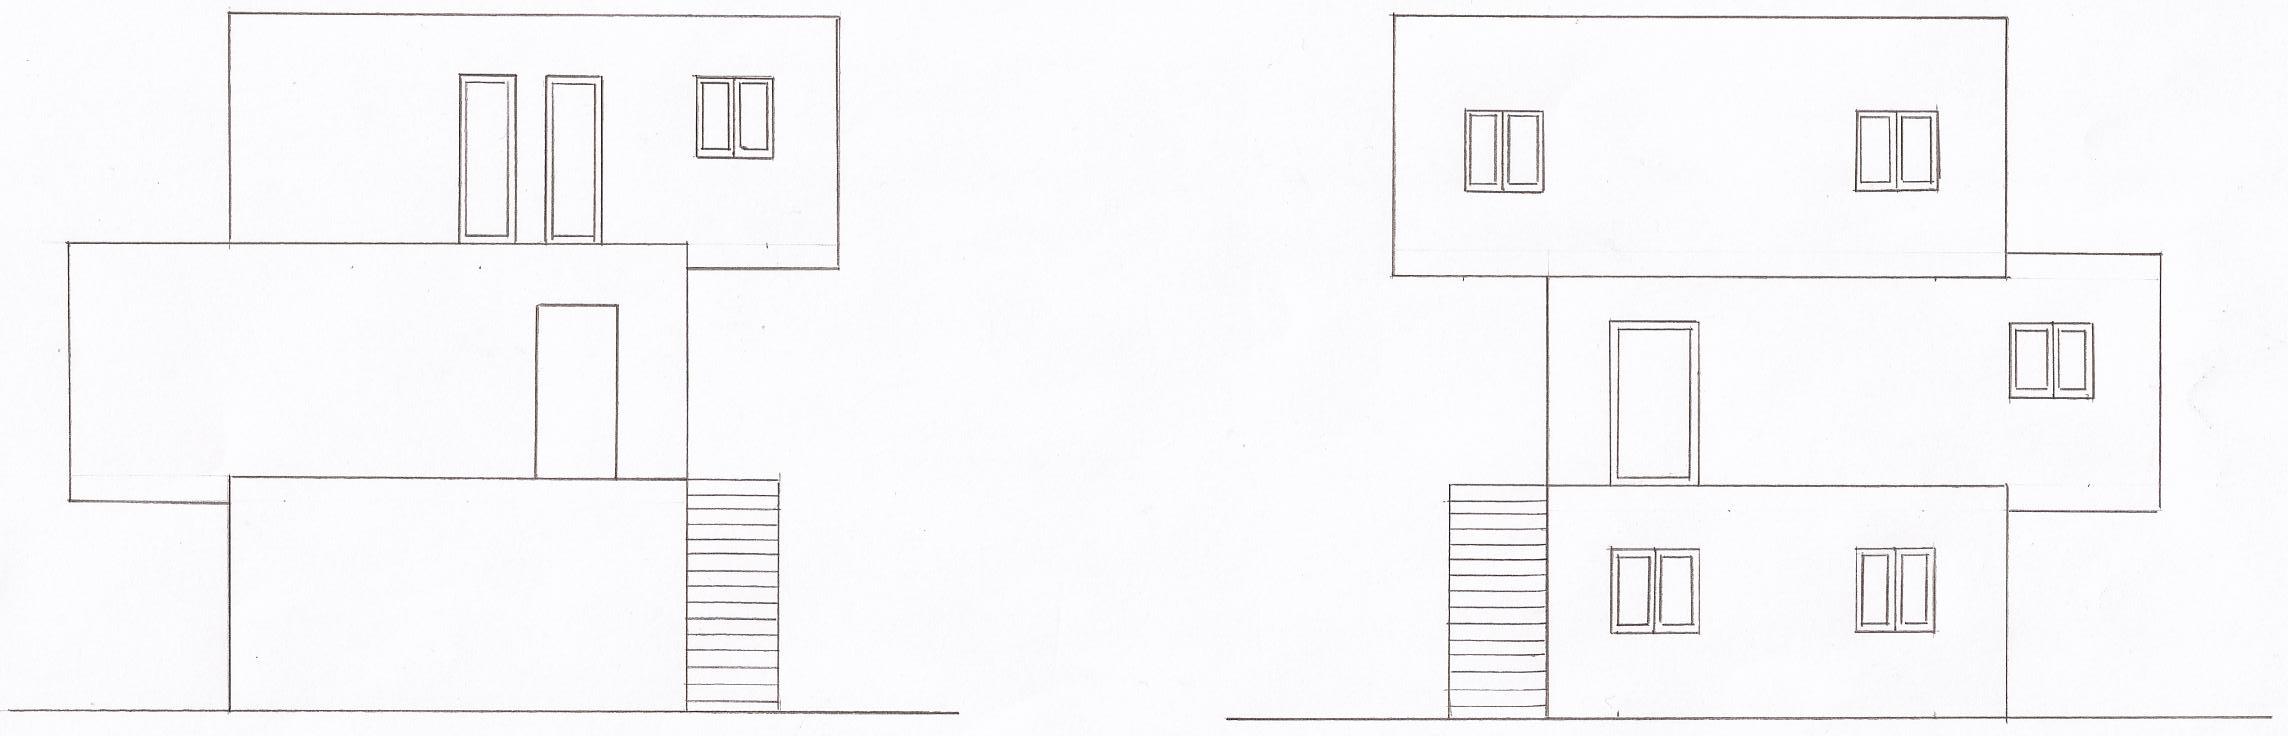 Progetto di alessandro latini e chiara guratti laboratorio di progettazione 1b - Finestre prospetto ...